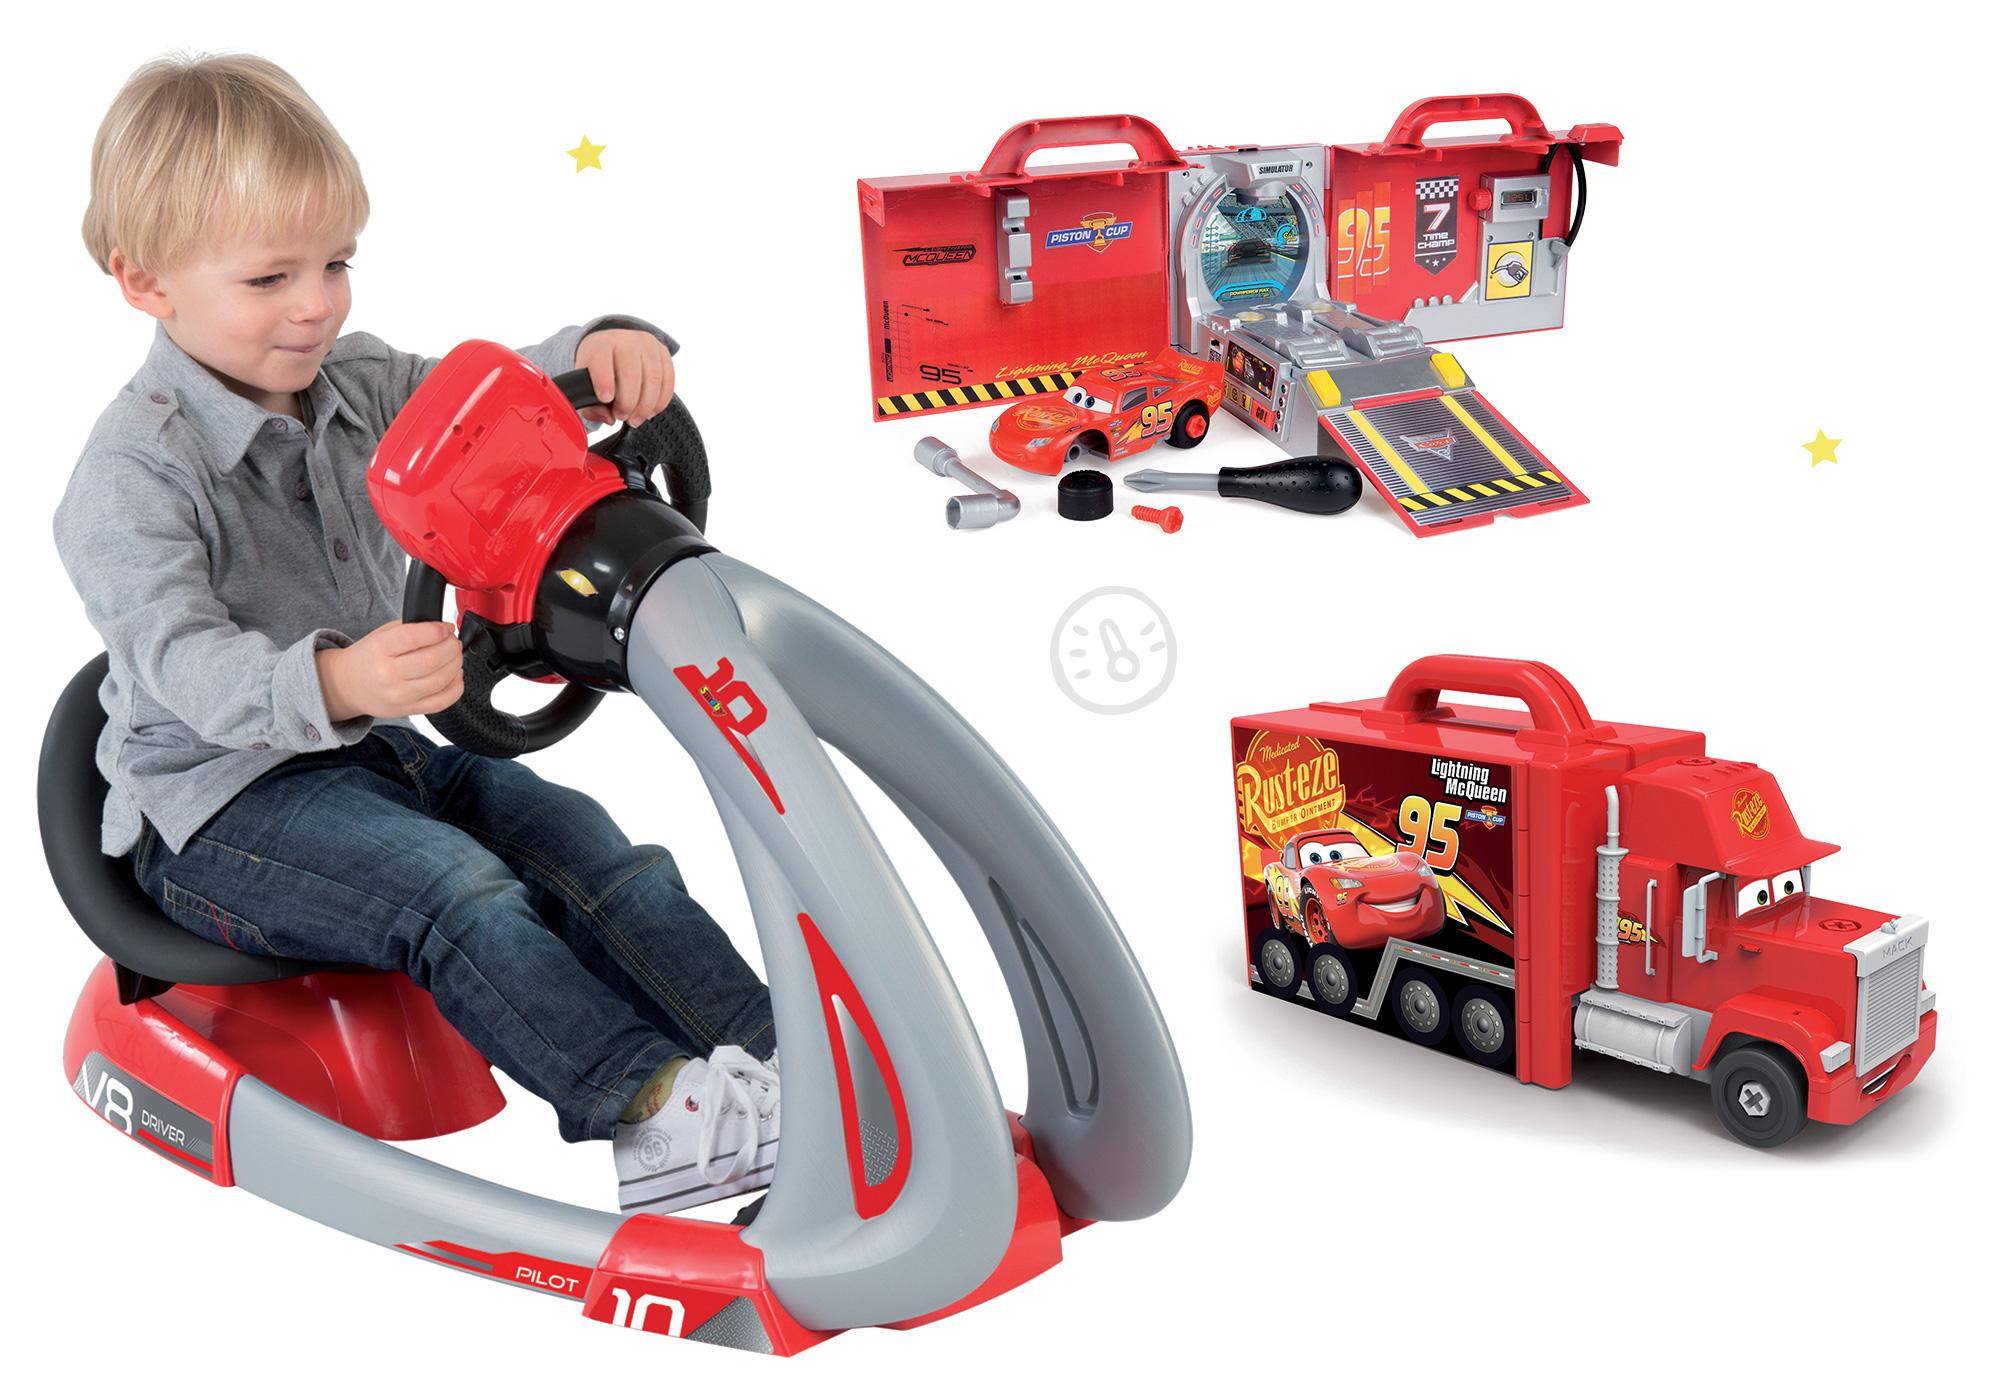 Smoby detský elektronický trenažér V8 Driver a elektronický kamión a auto Cars 370206-3